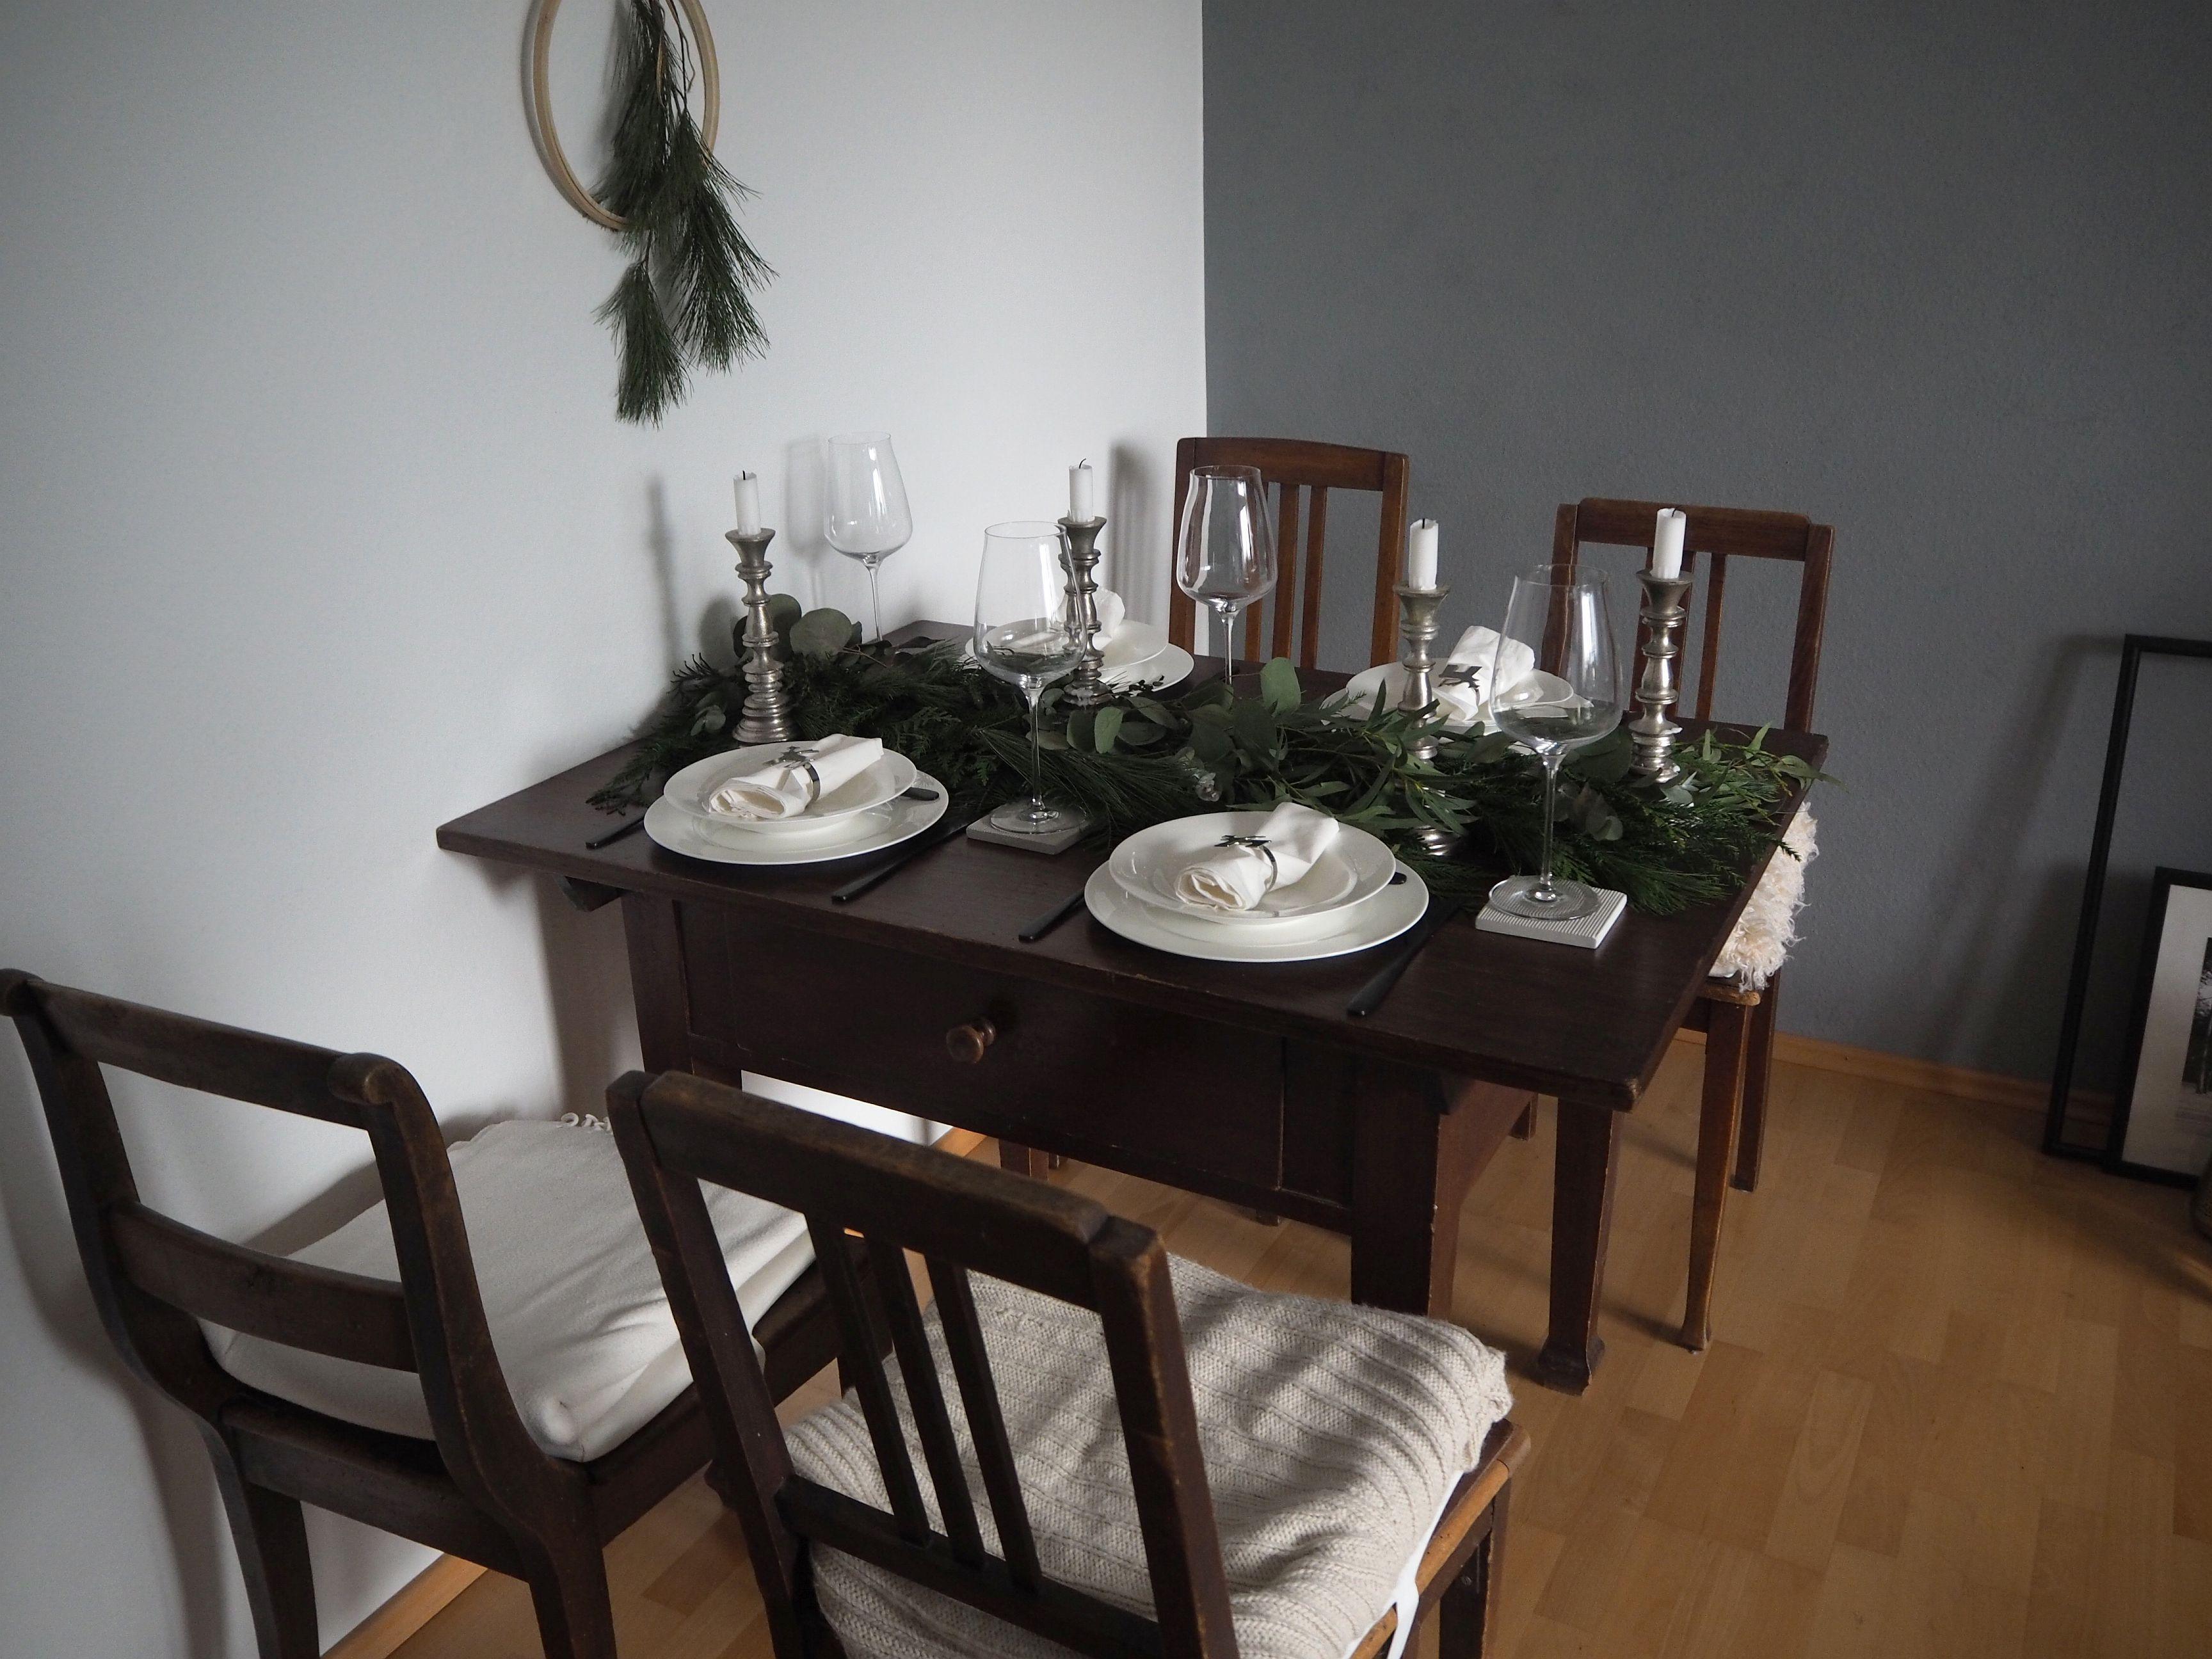 2017-12-skoen-och-kreativ-tischdeko-interior-schlichtes-skandinavisches-tablesetting-weihnachten (1)